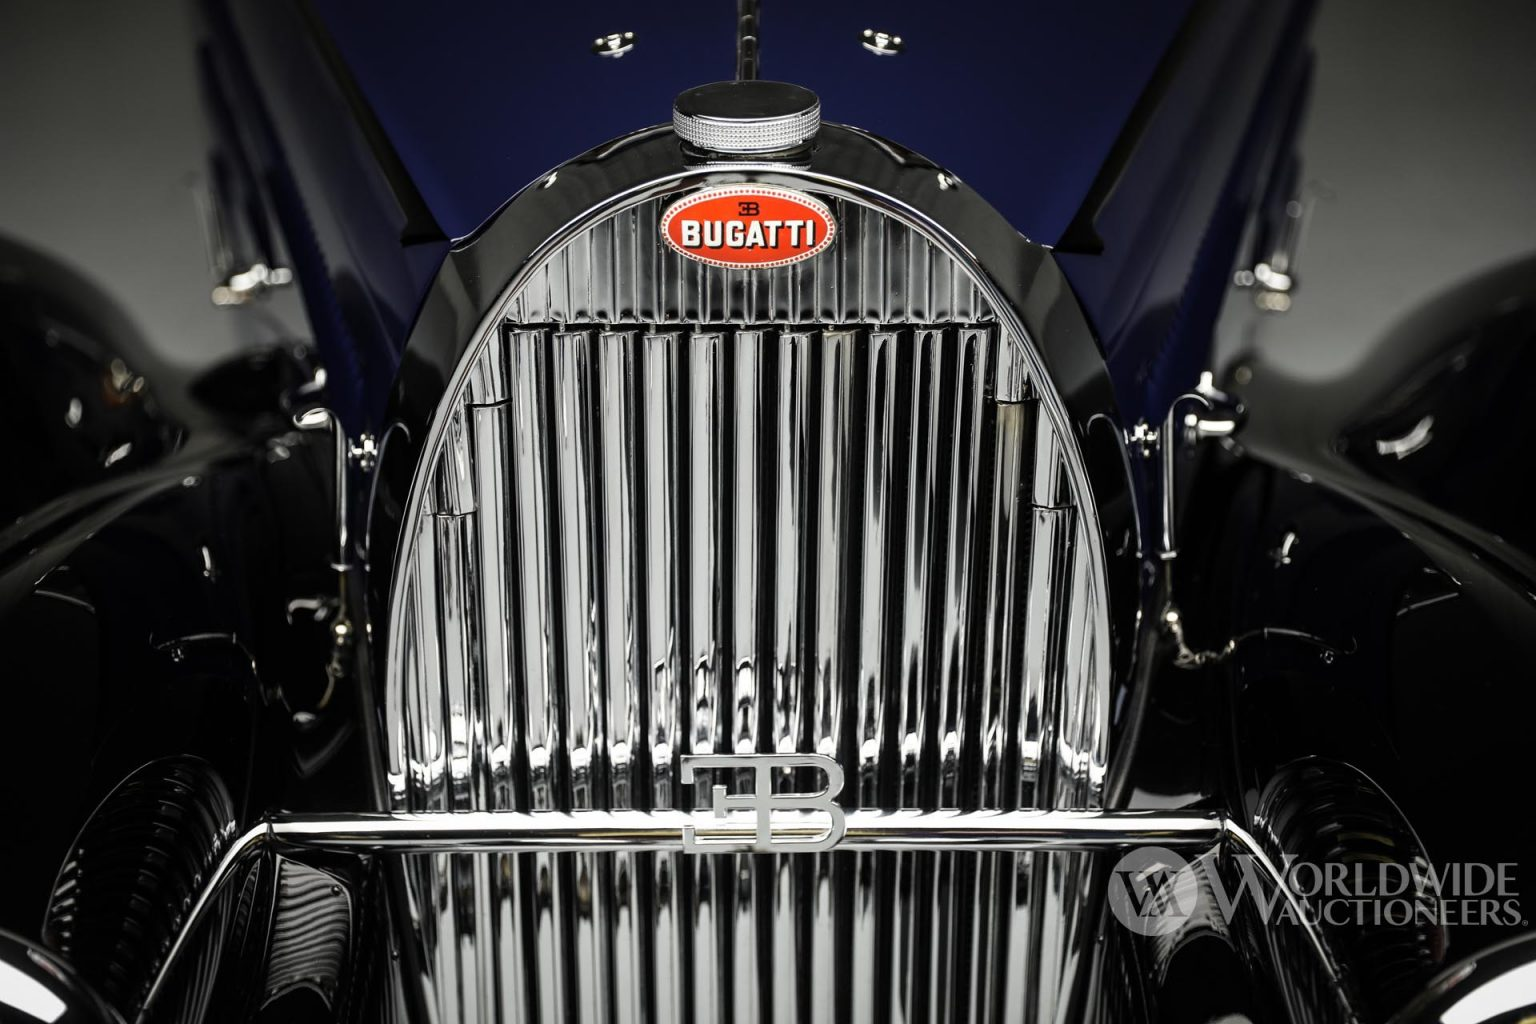 بوجاتي تايب 57 سي أتالانت كوبيه موديل 1938 غطاء المحرك